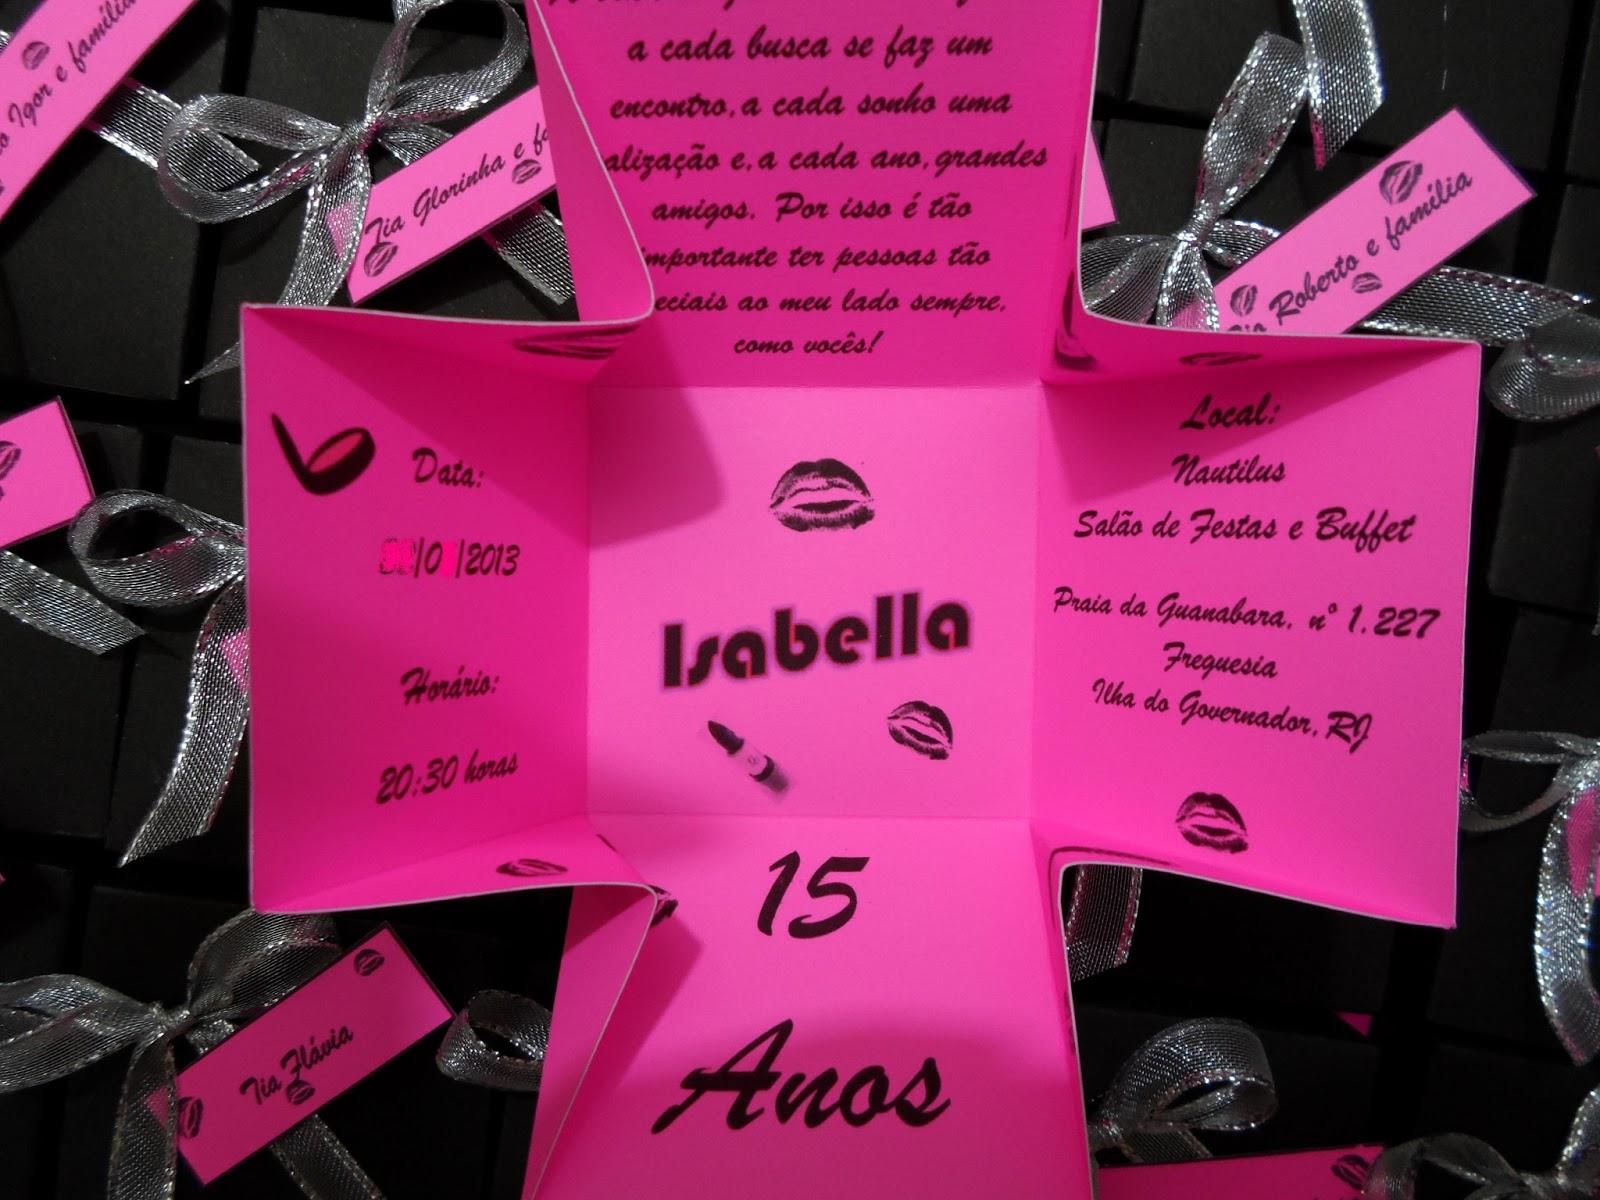 Convite De Aniversario De 15 Anos: .: Convites Caixa